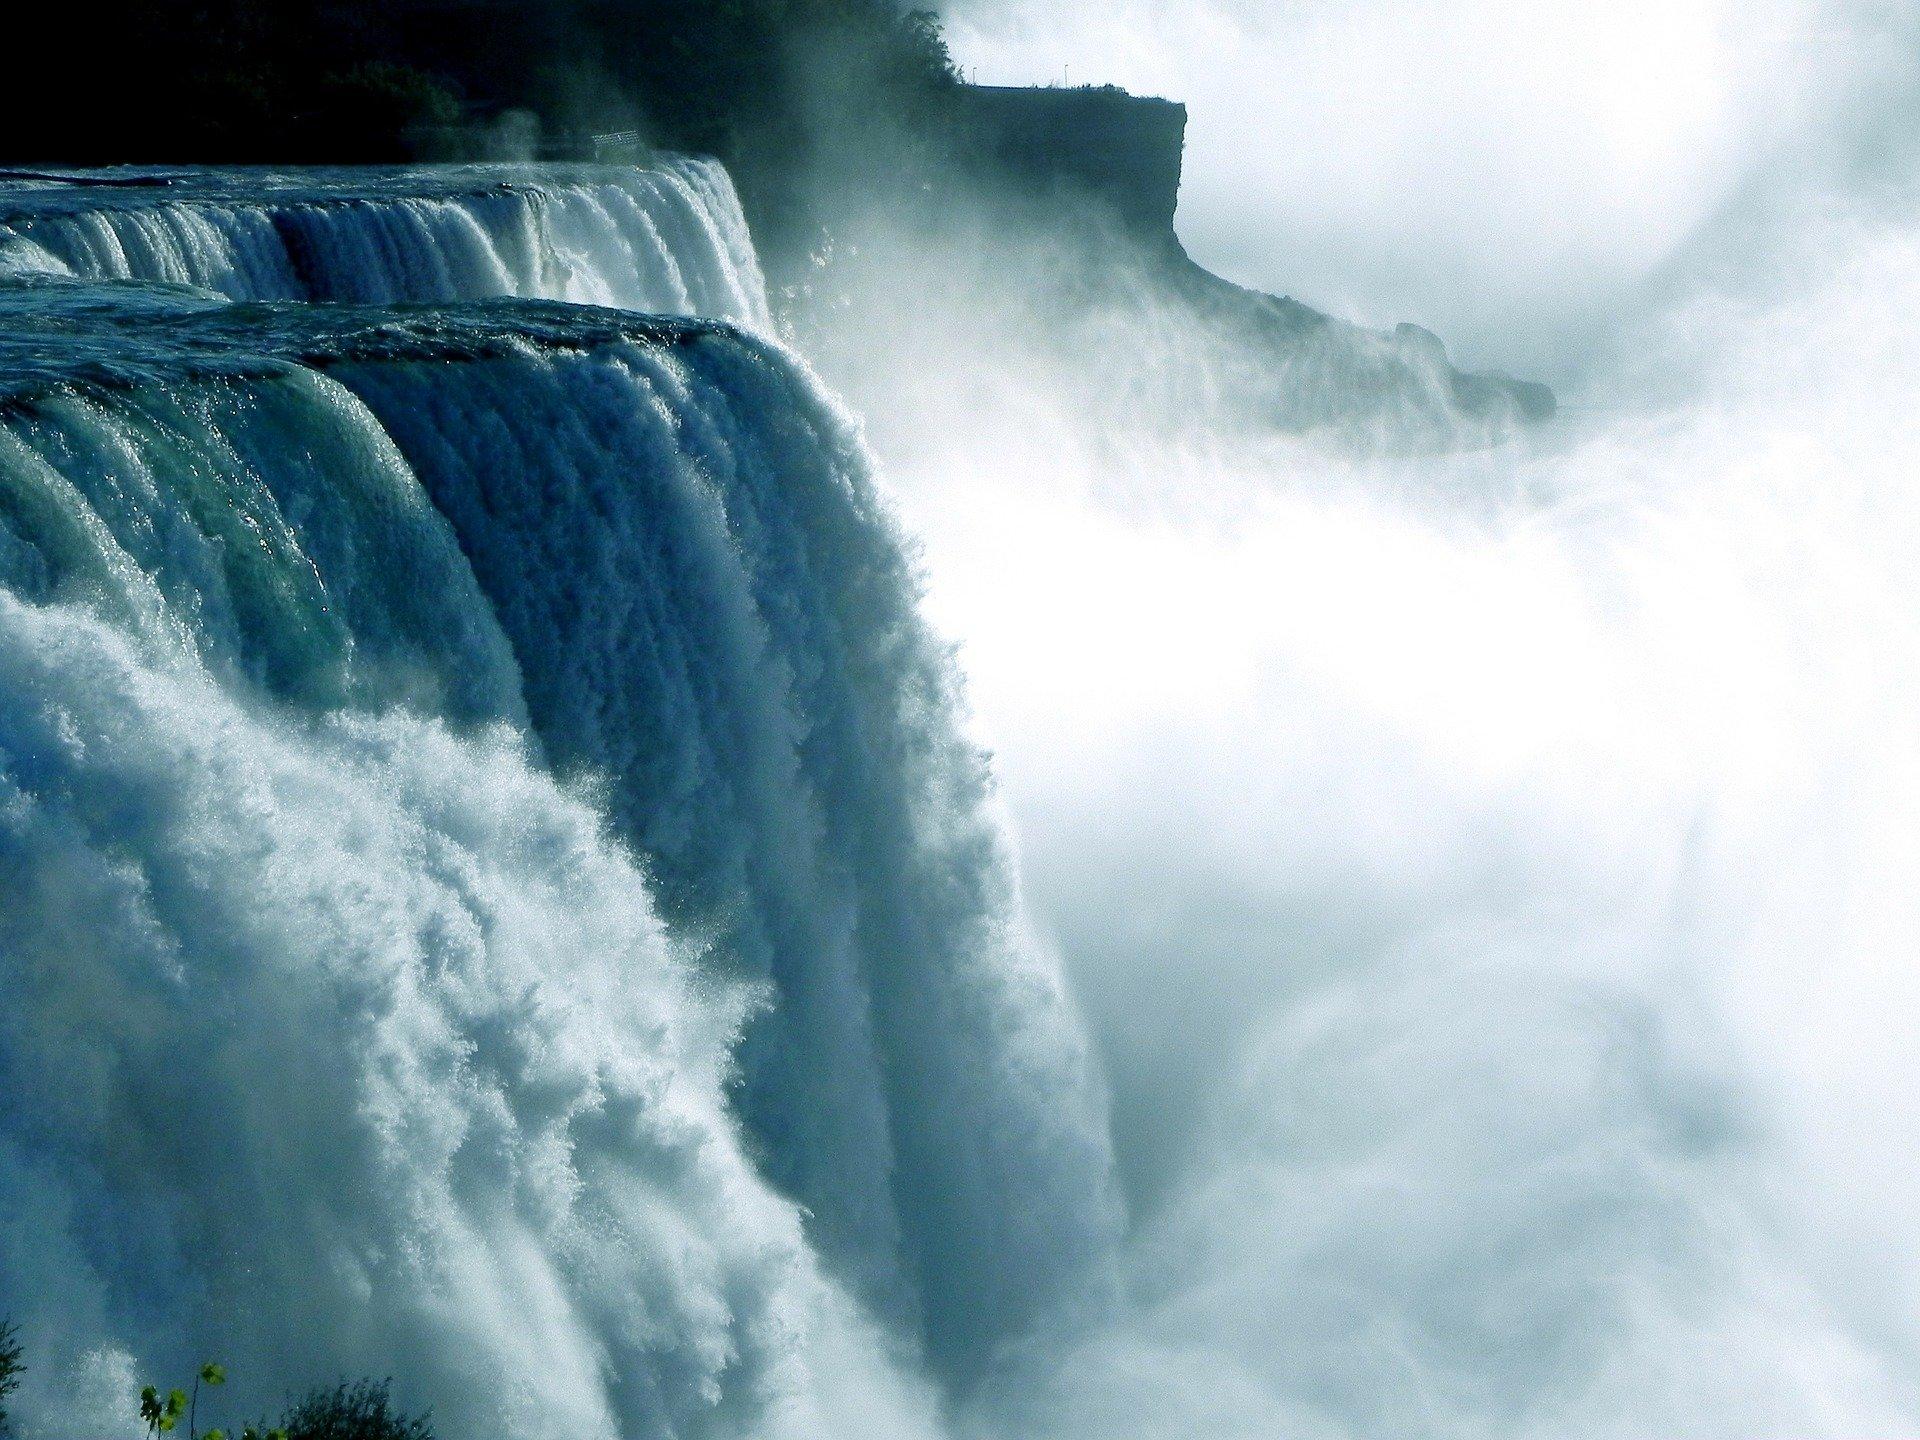 Une ressource : une série documentaire sur l'eau